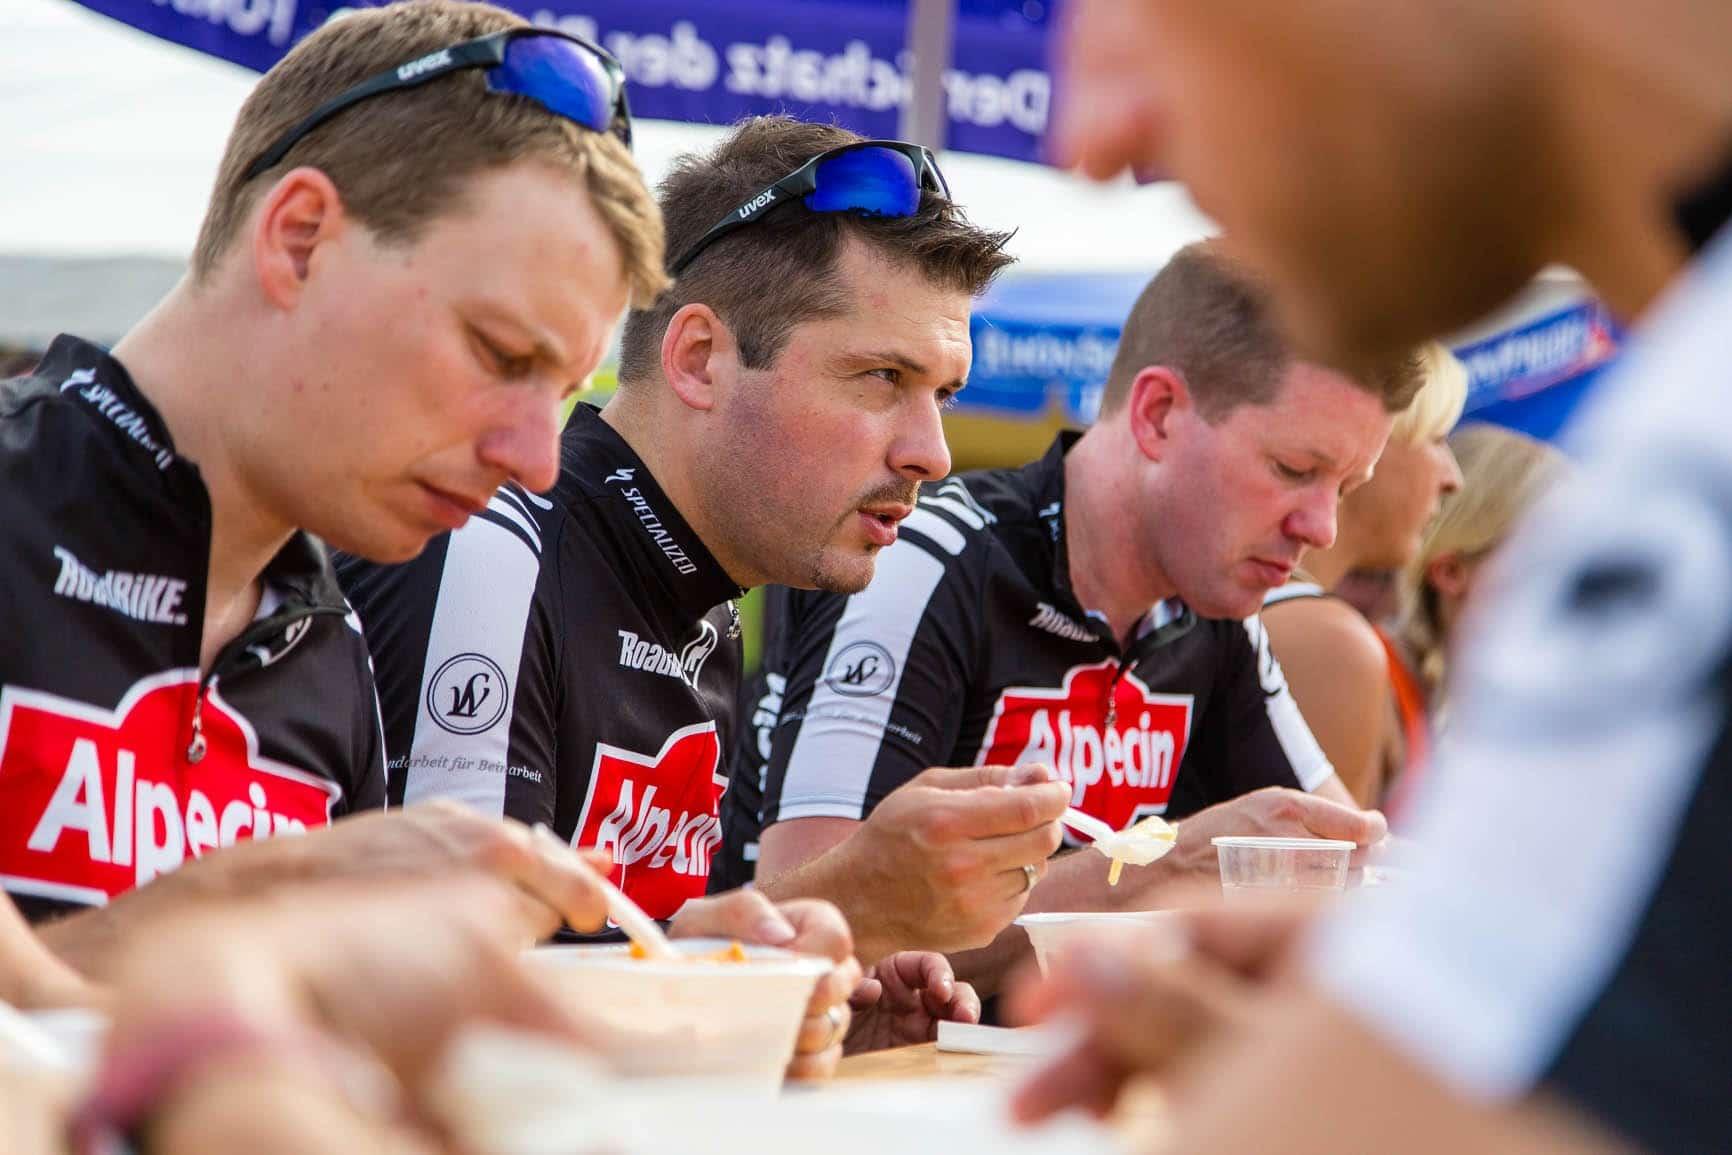 Teil 2: Das Team Alpecin beim Rhönmarathon